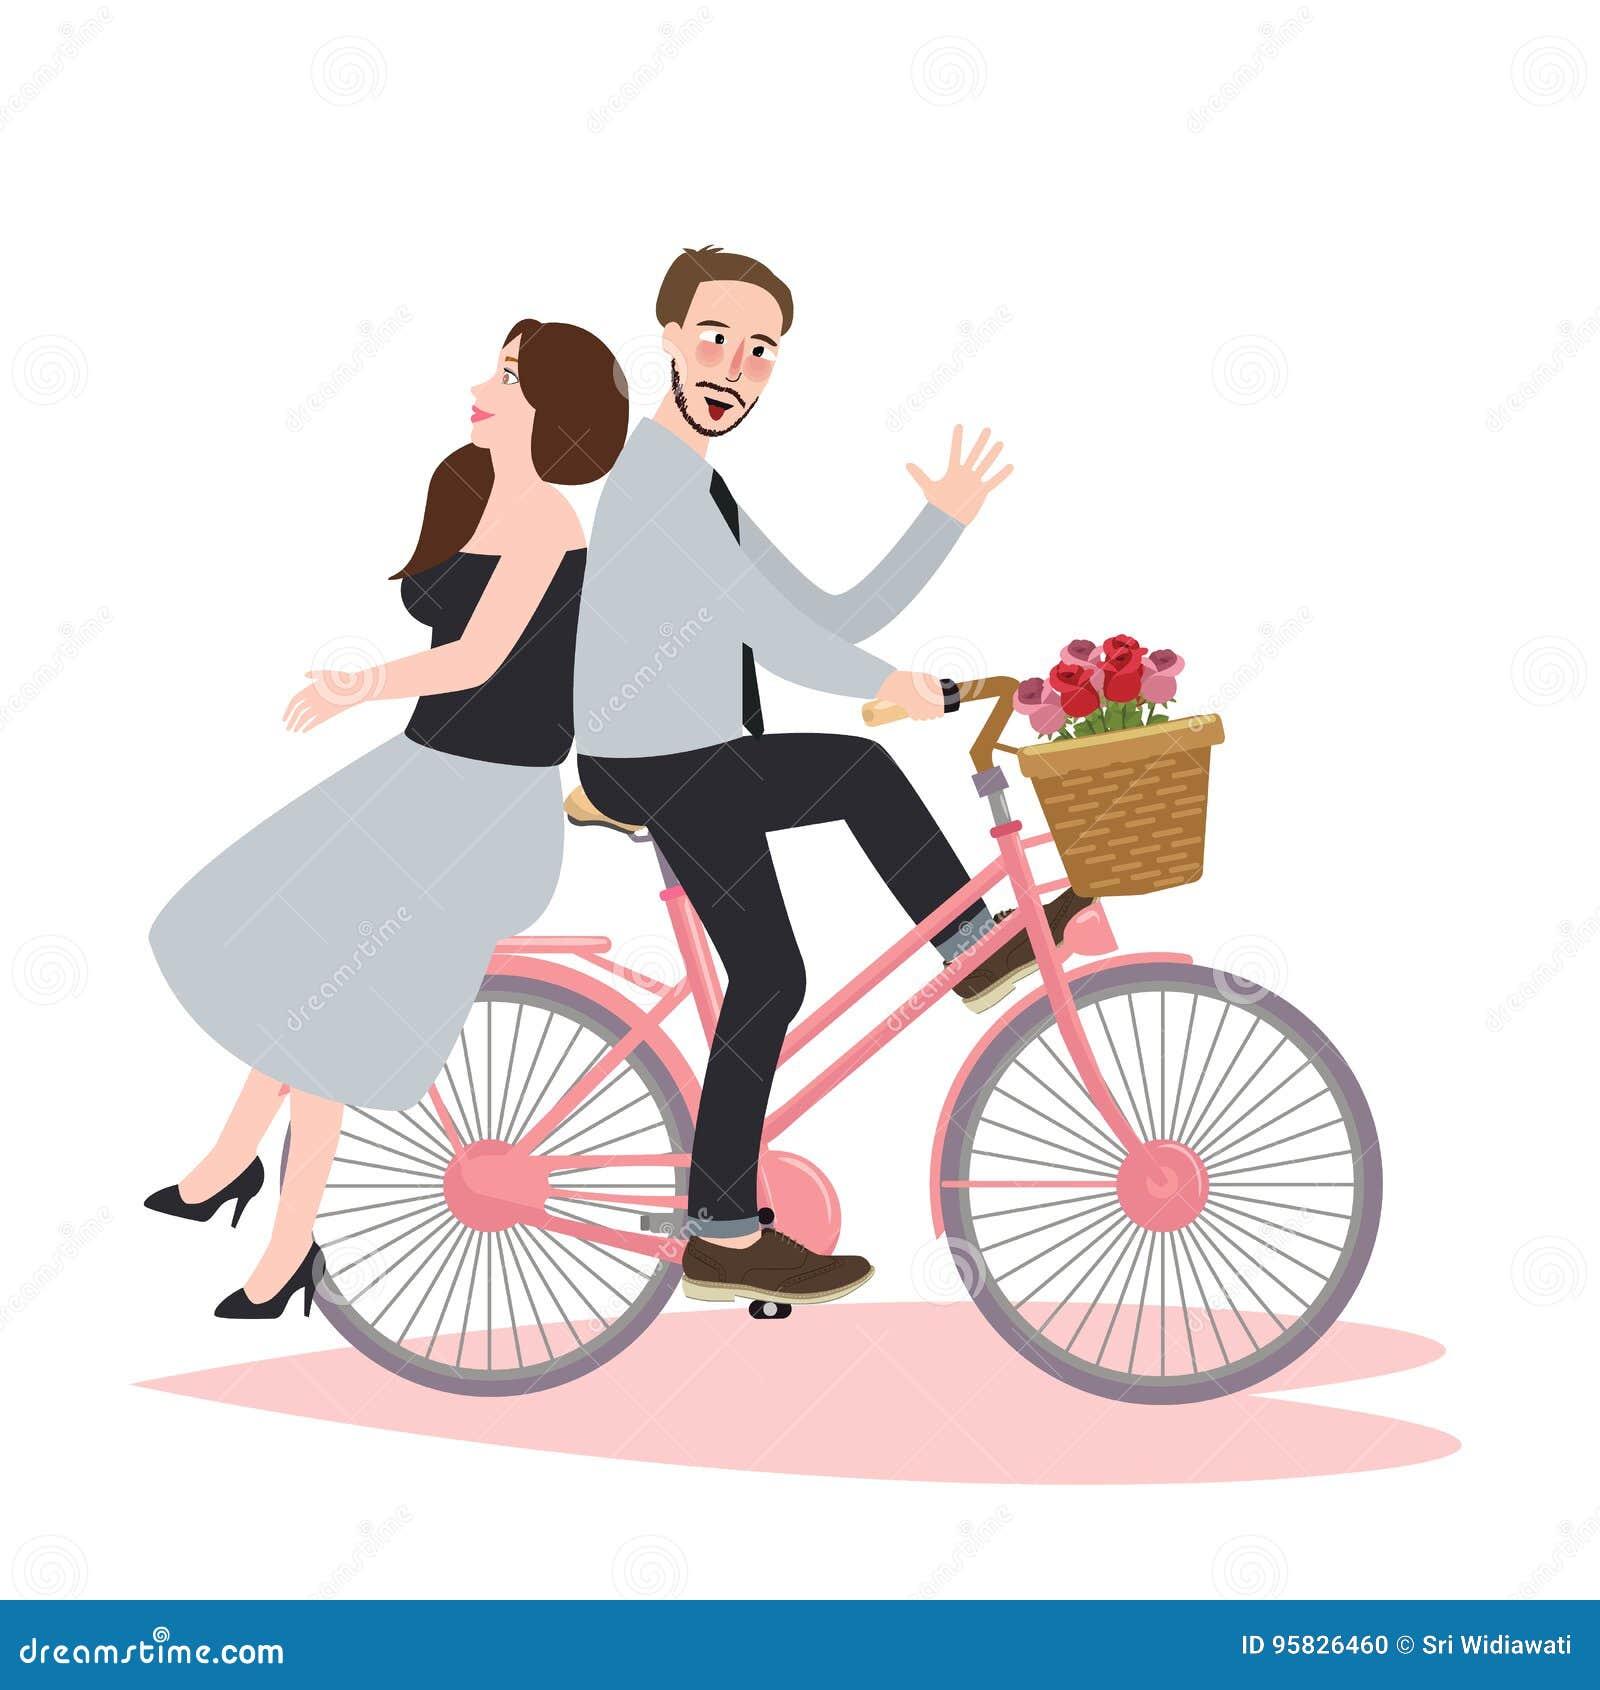 Acople a felicidade de riso datando bonita romance da bicicleta da bicicleta da equitação junto